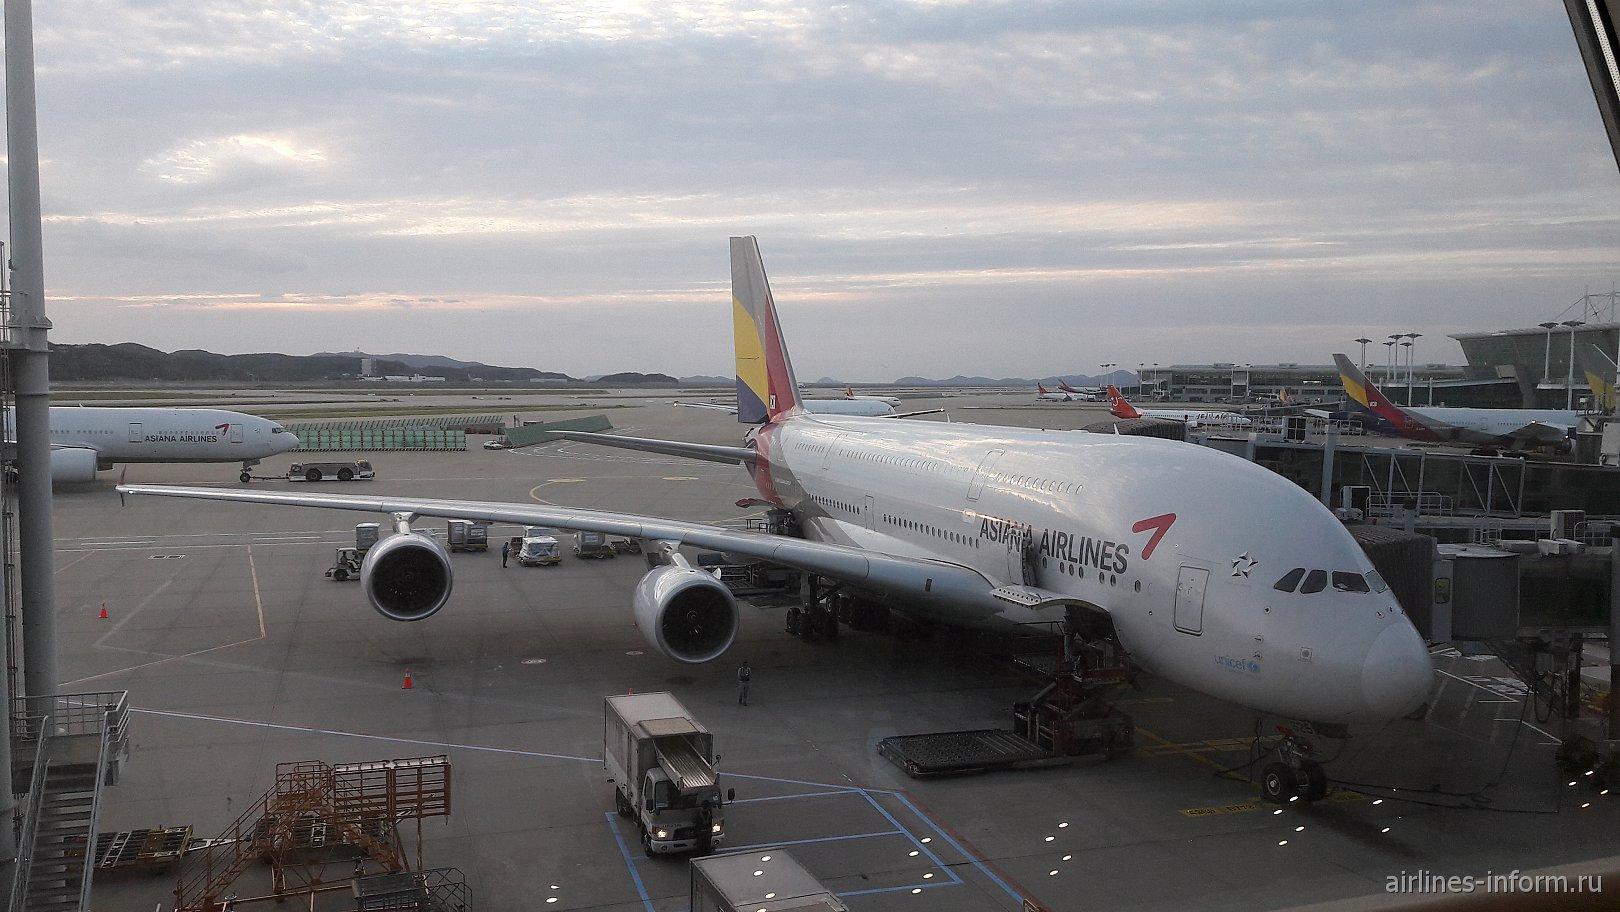 Asiana Airlines. Полет на 5 звезд, в лучшем экономическом классе мира 2016 года, ICN-BKK на Airbus A380.